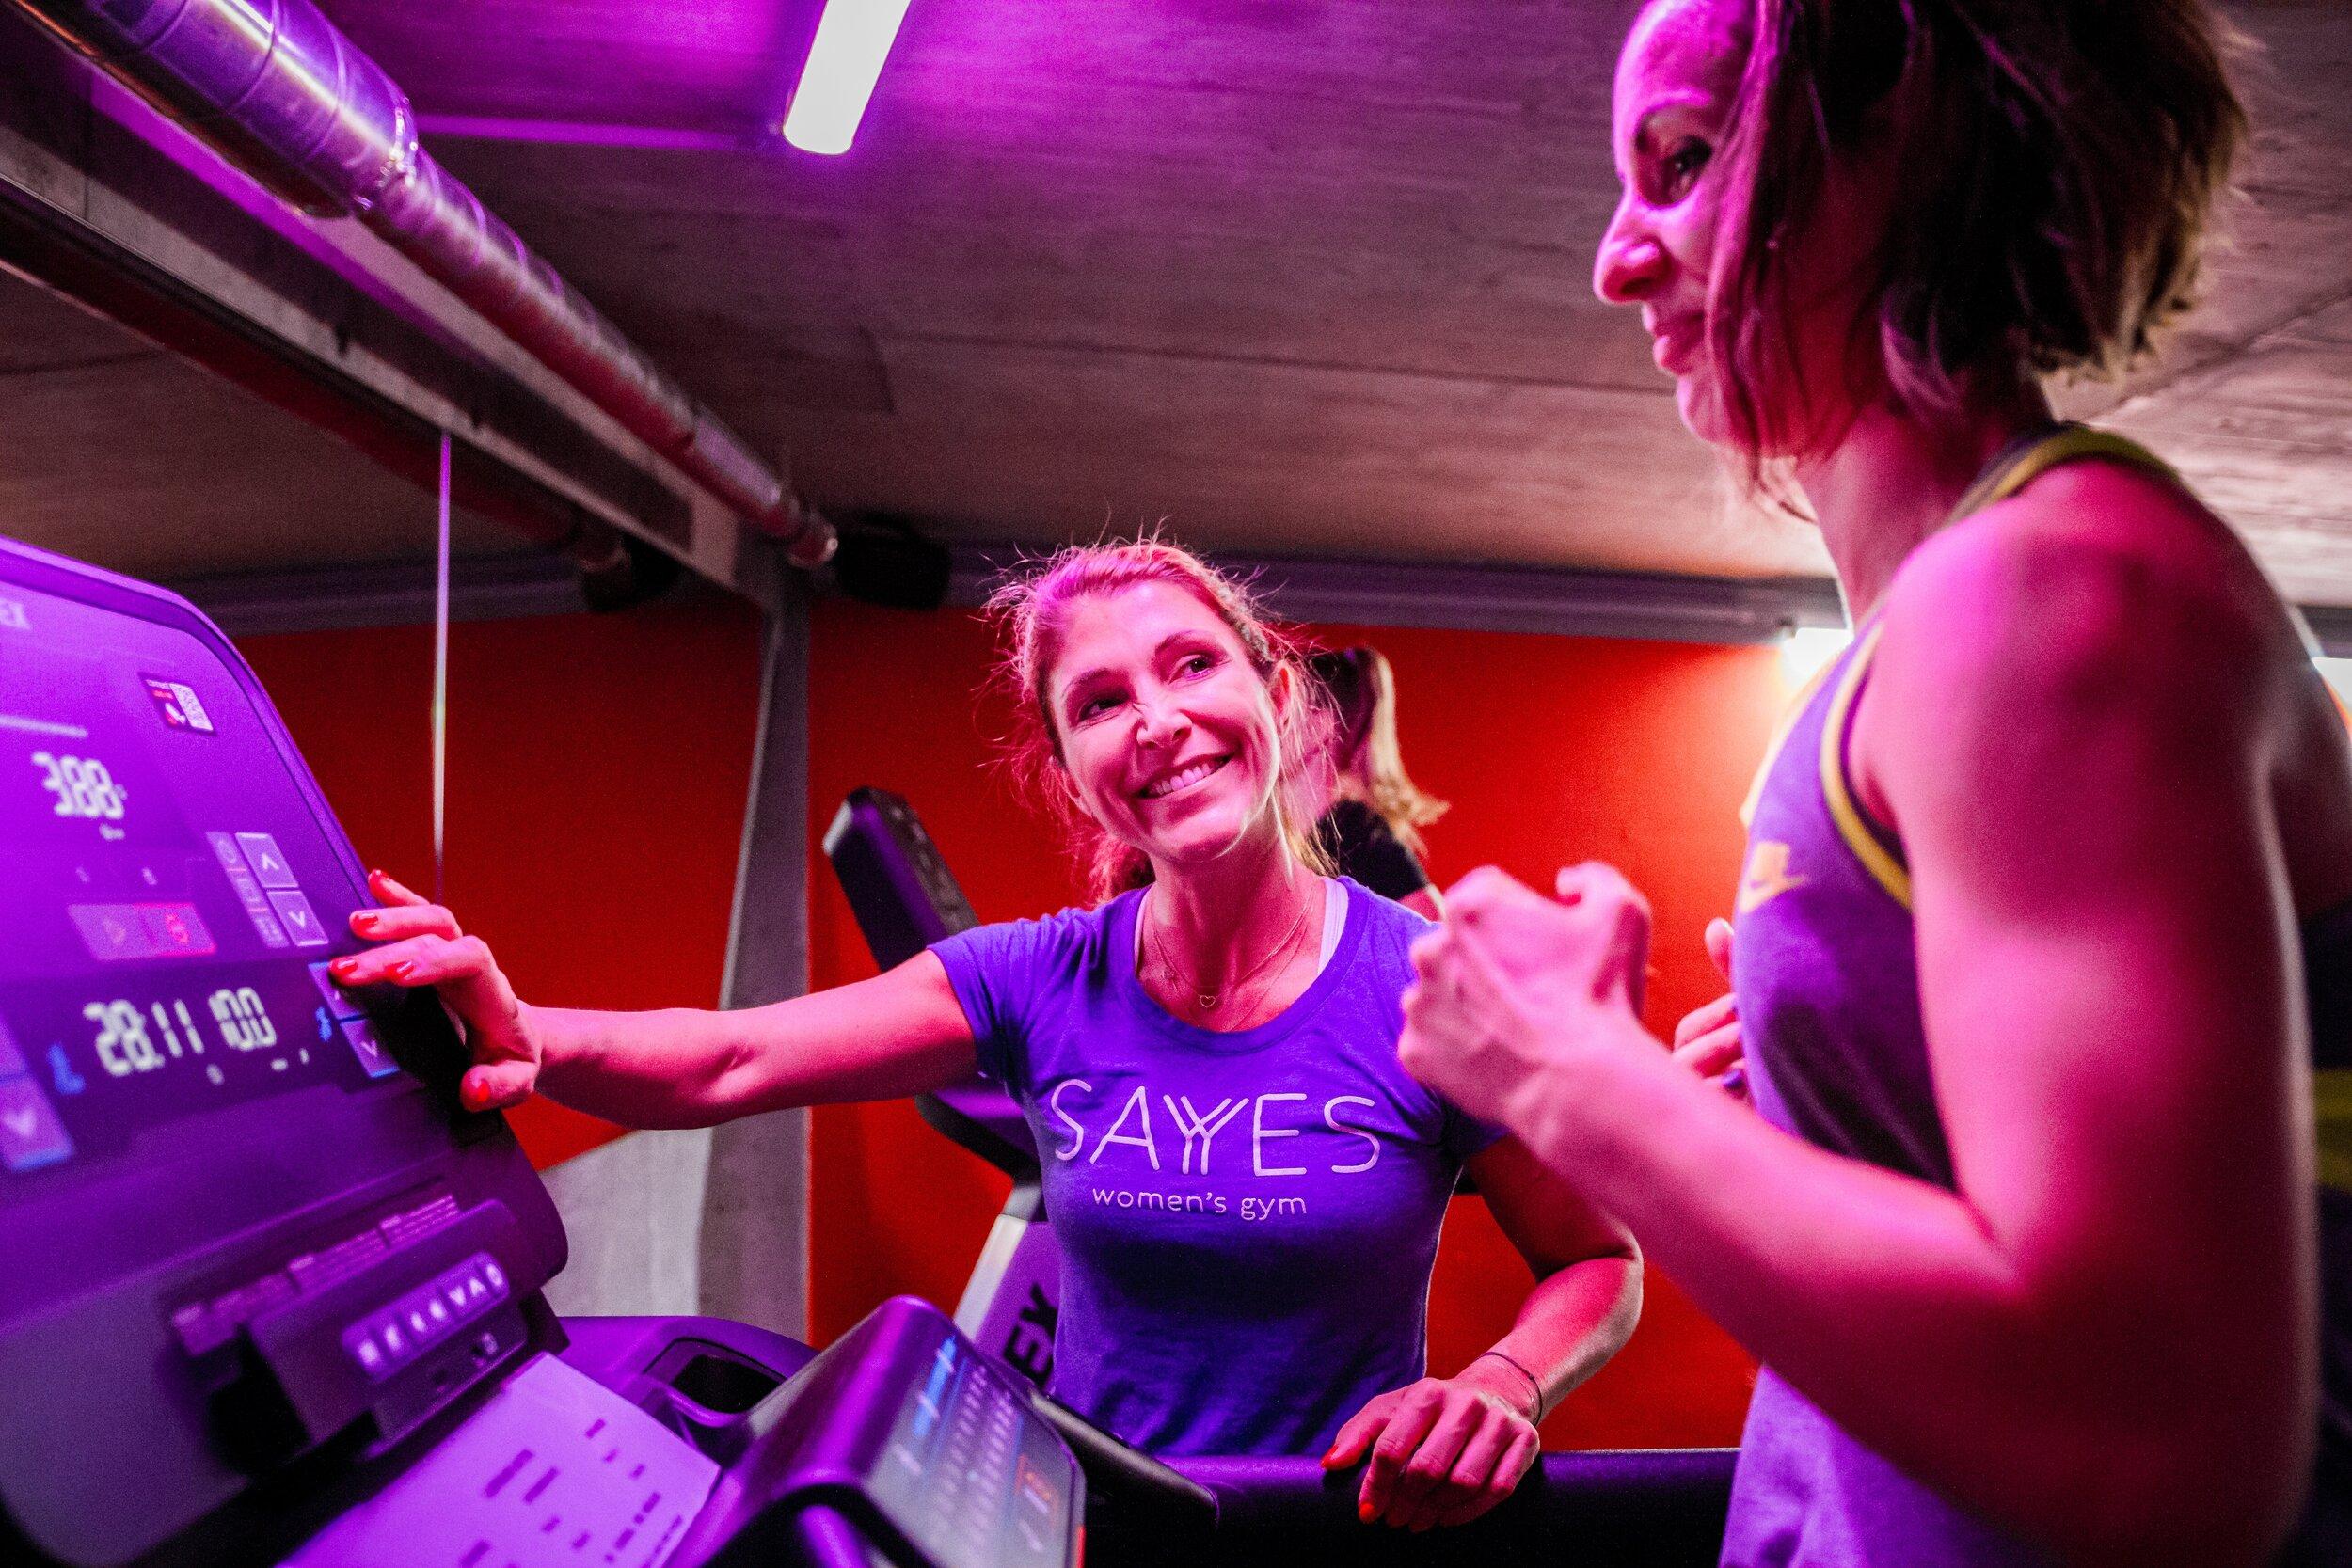 SAYYES to change - In unseren Trainingseinheiten fokusieren wir besonders auf die Bereiche Bauch, Beine, Arme und Po, um sie gezielt zu formen und zu definieren, denn in einer SAYYES Klasse verbrennst du bis zu 1000 Kalorien.